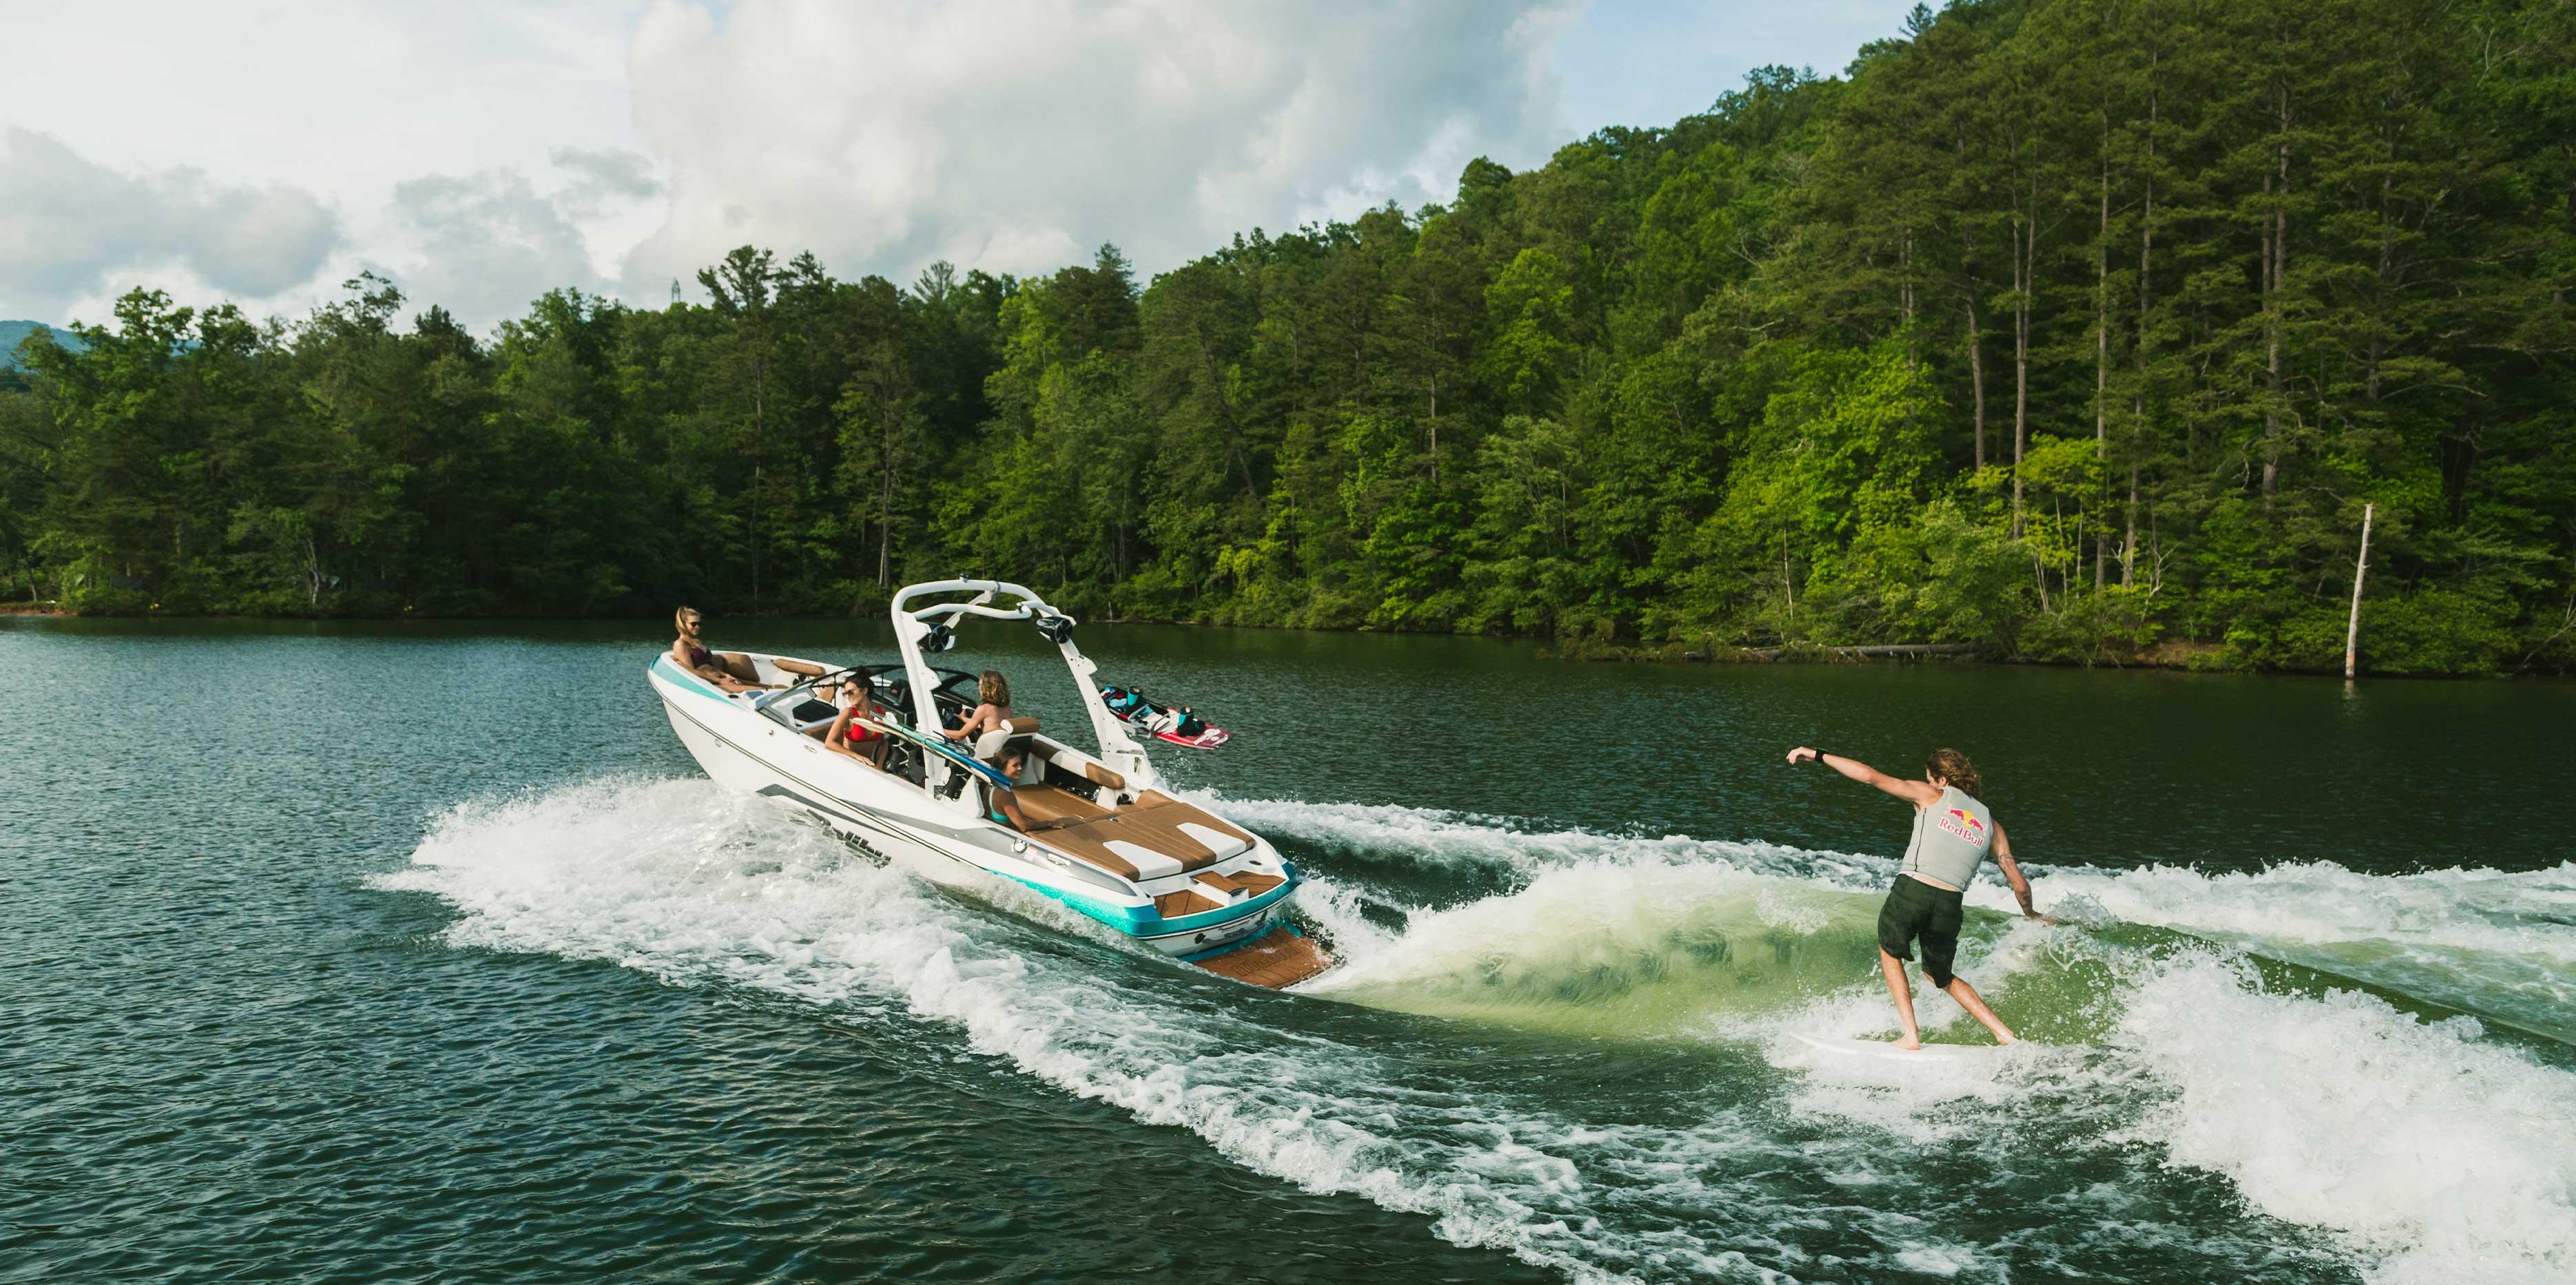 2021 Malibu Boats Wakesetter 21 VLX Wakesurfing